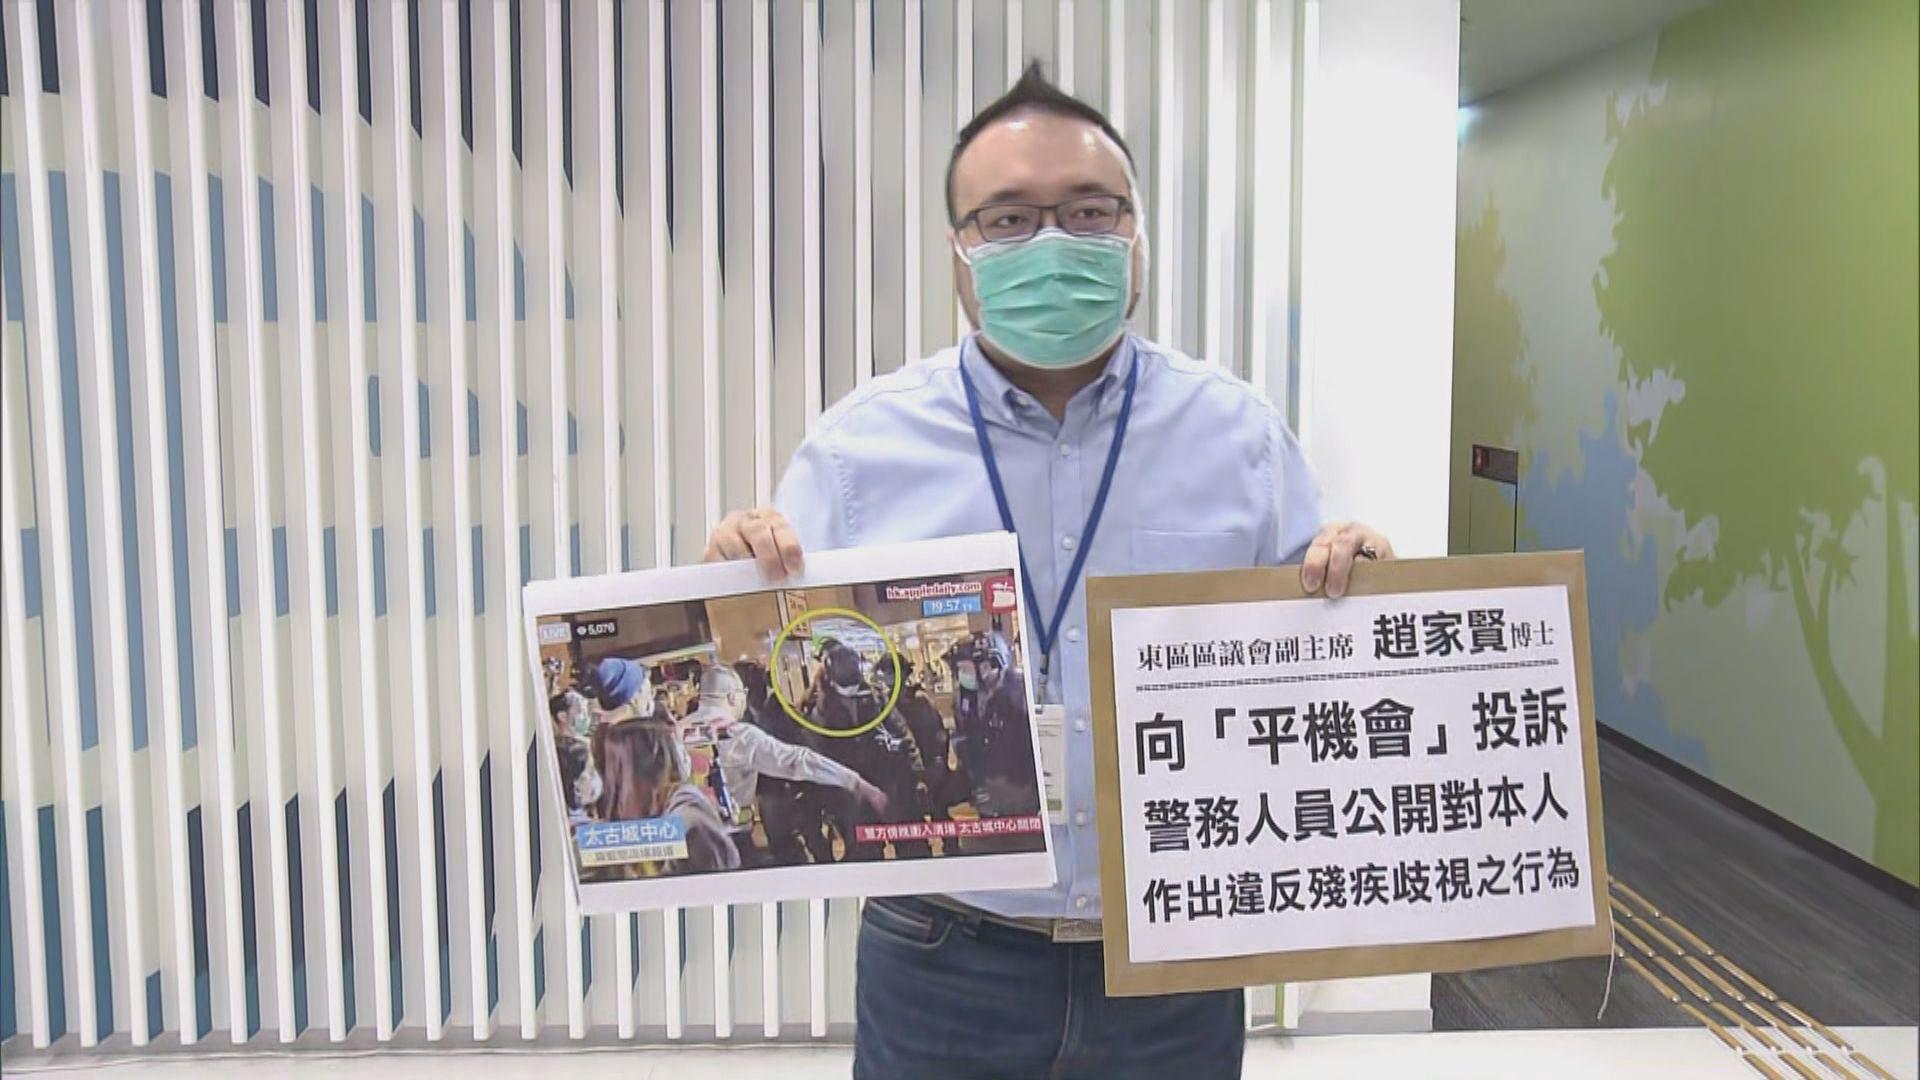 趙家賢向平機會投訴有警員涉嫌殘疾歧視